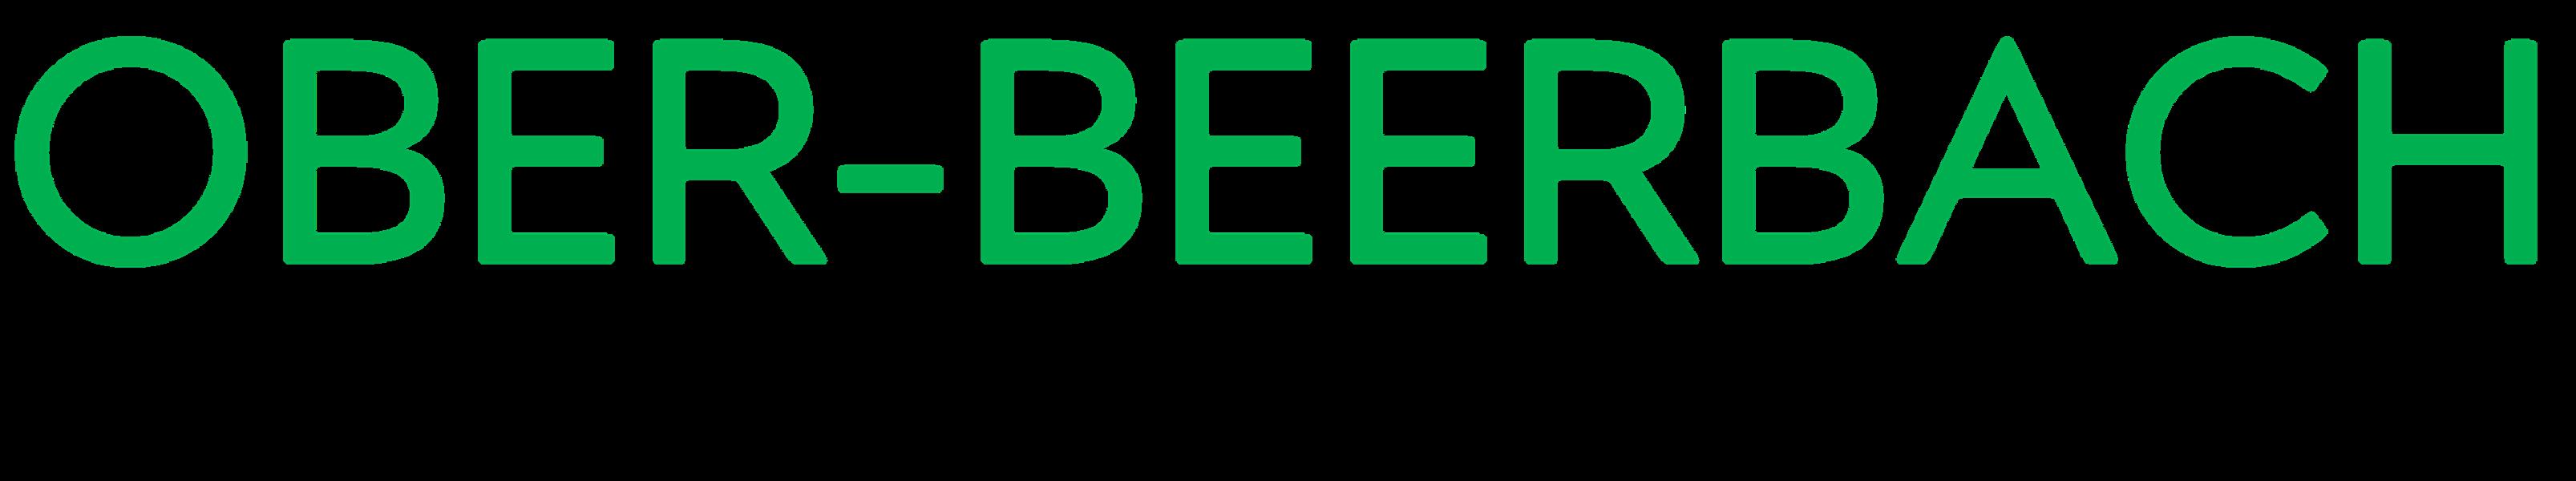 Ober-Beerbach.de